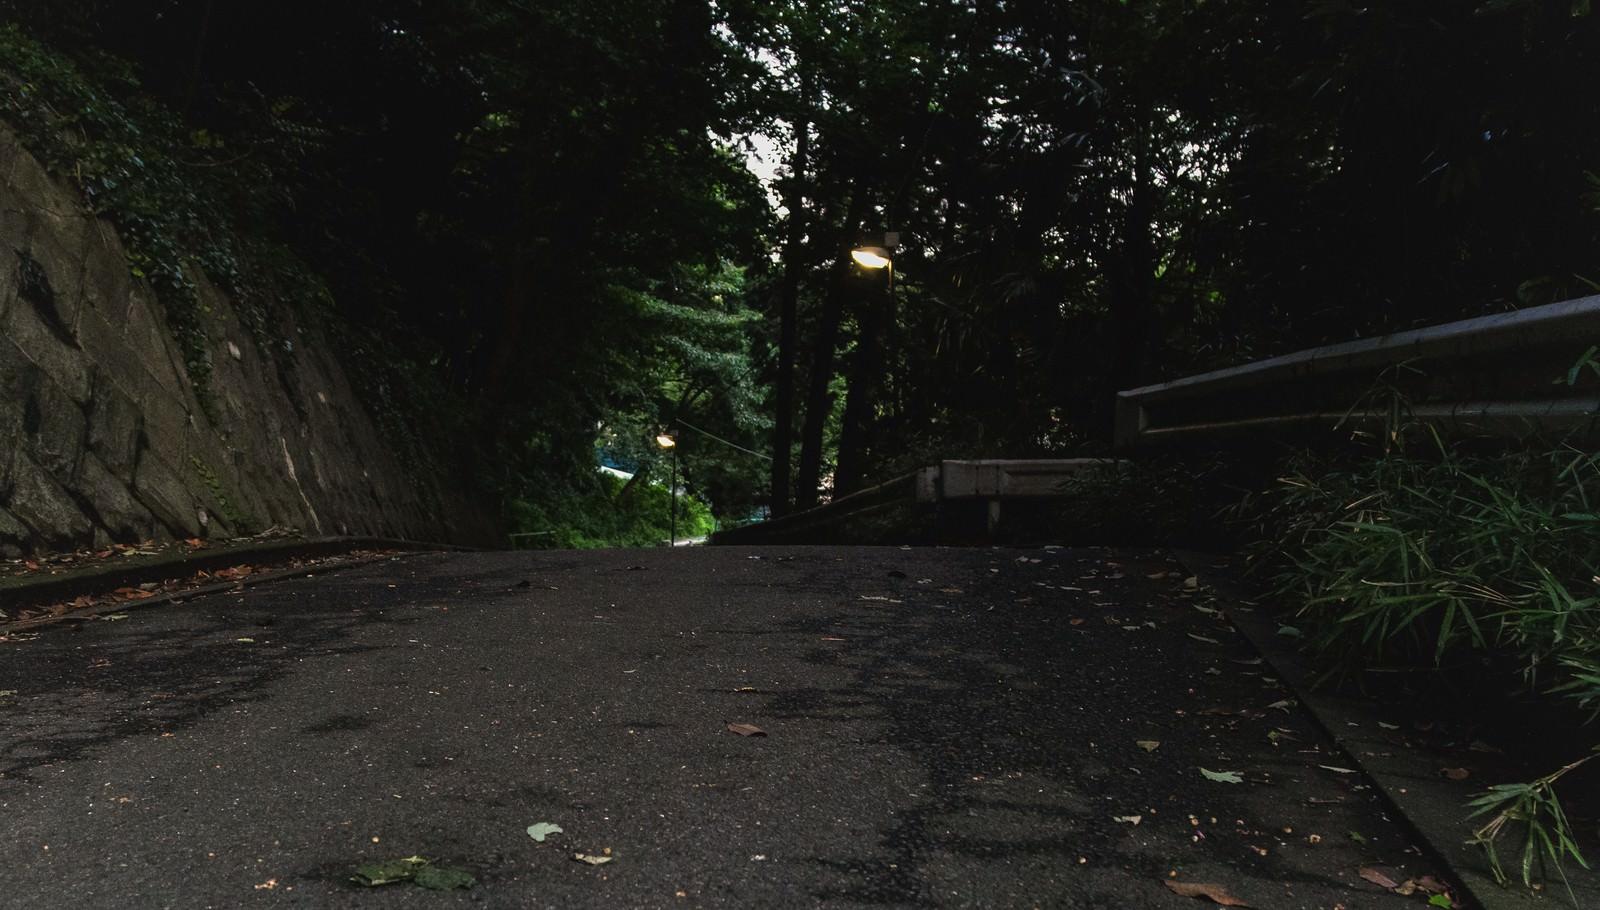 「夕暮れ過ぎの不気味な道夕暮れ過ぎの不気味な道」のフリー写真素材を拡大